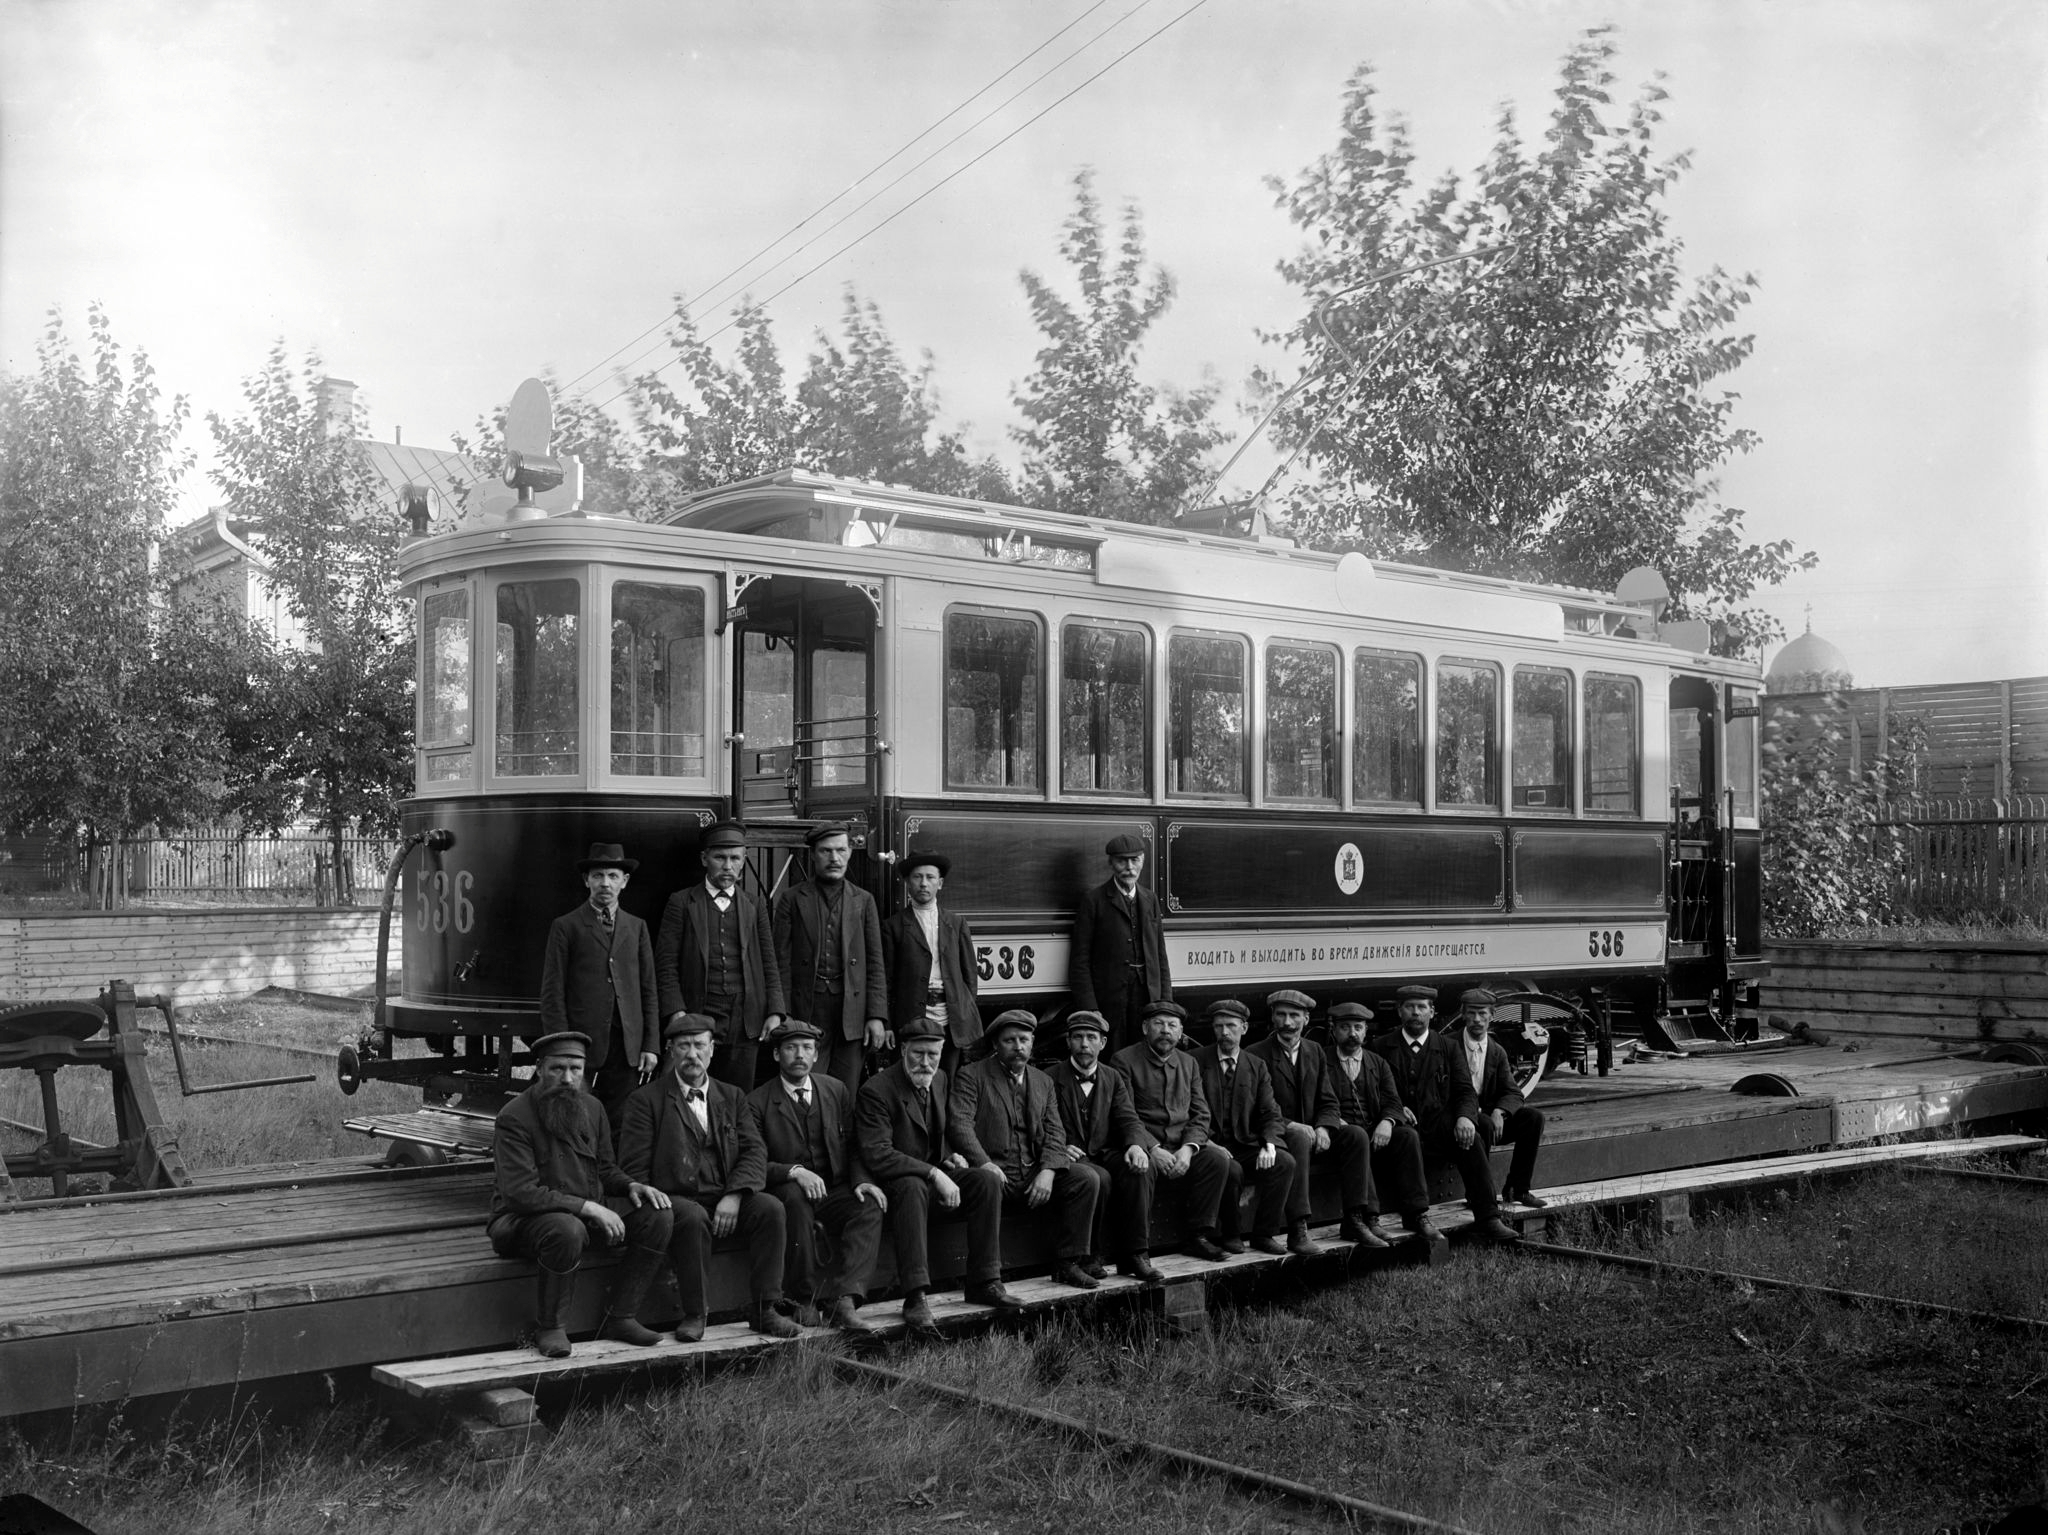 Сормовский завод. Группа мастеров вагонного цеха возле вагона трамвая